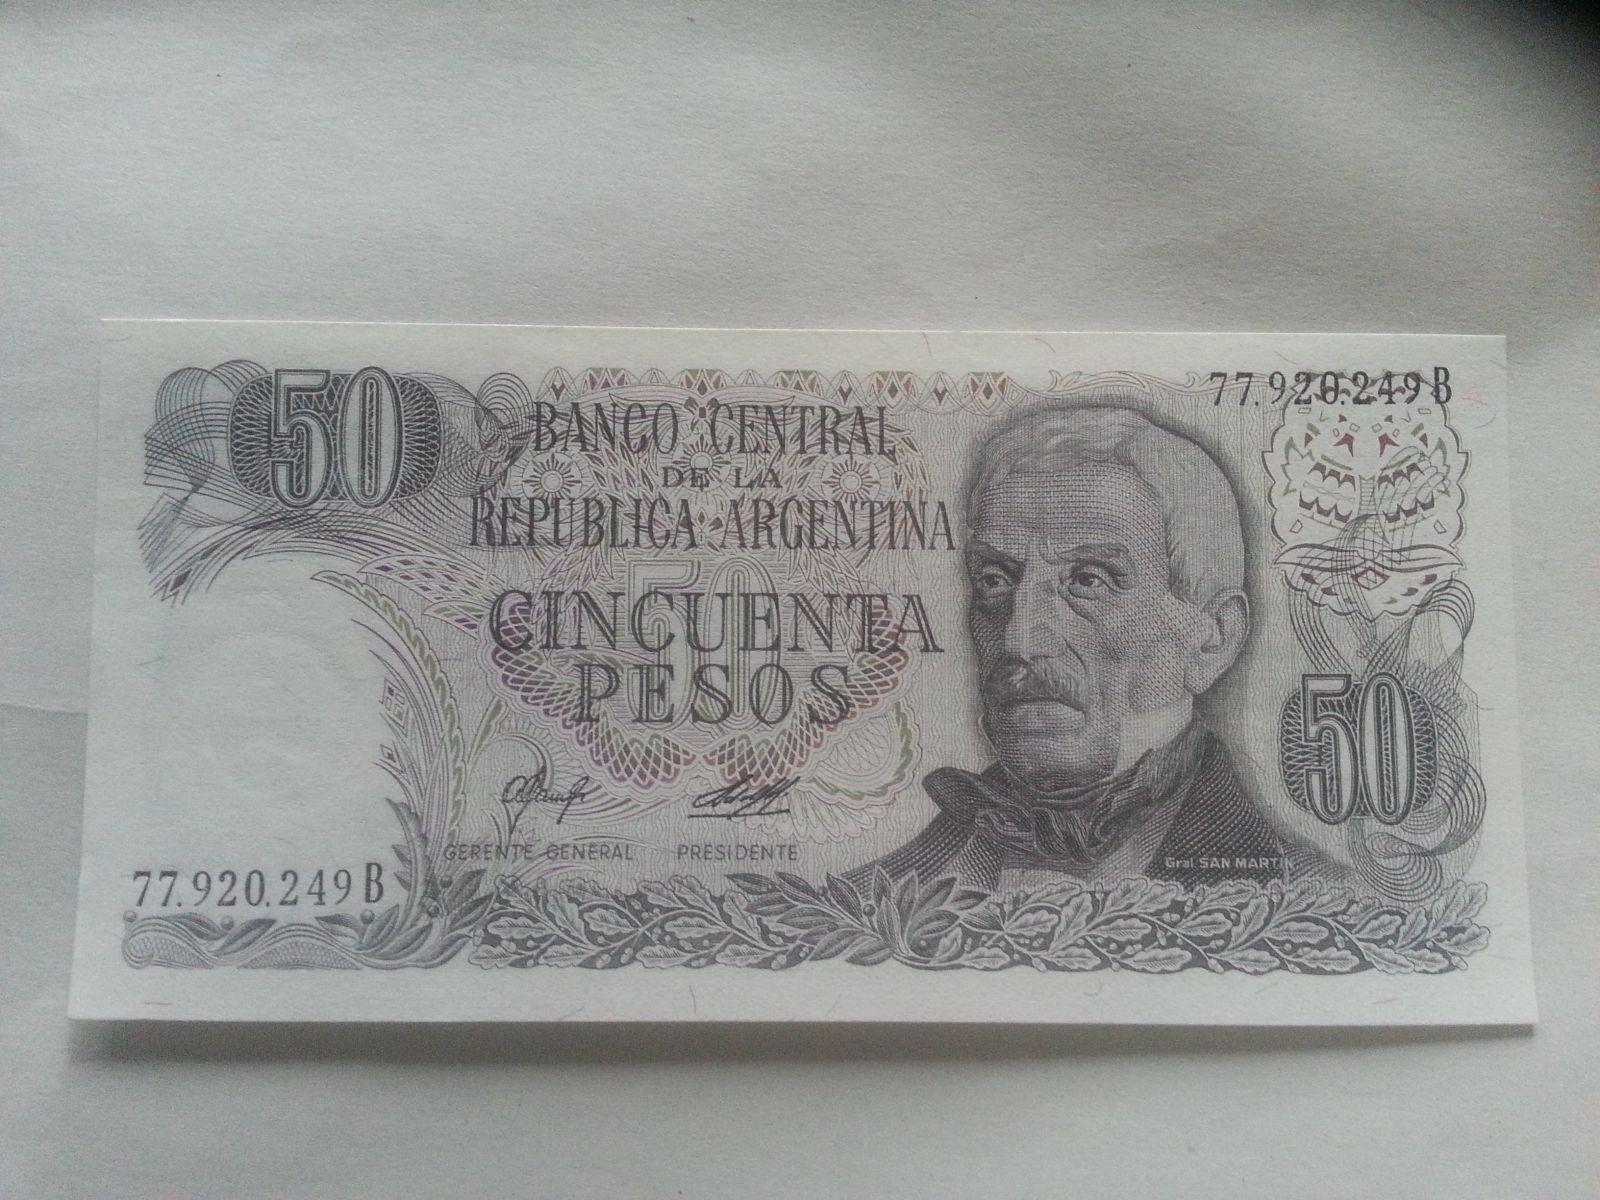 50 Pesos, SAN MARTIN, Argentina